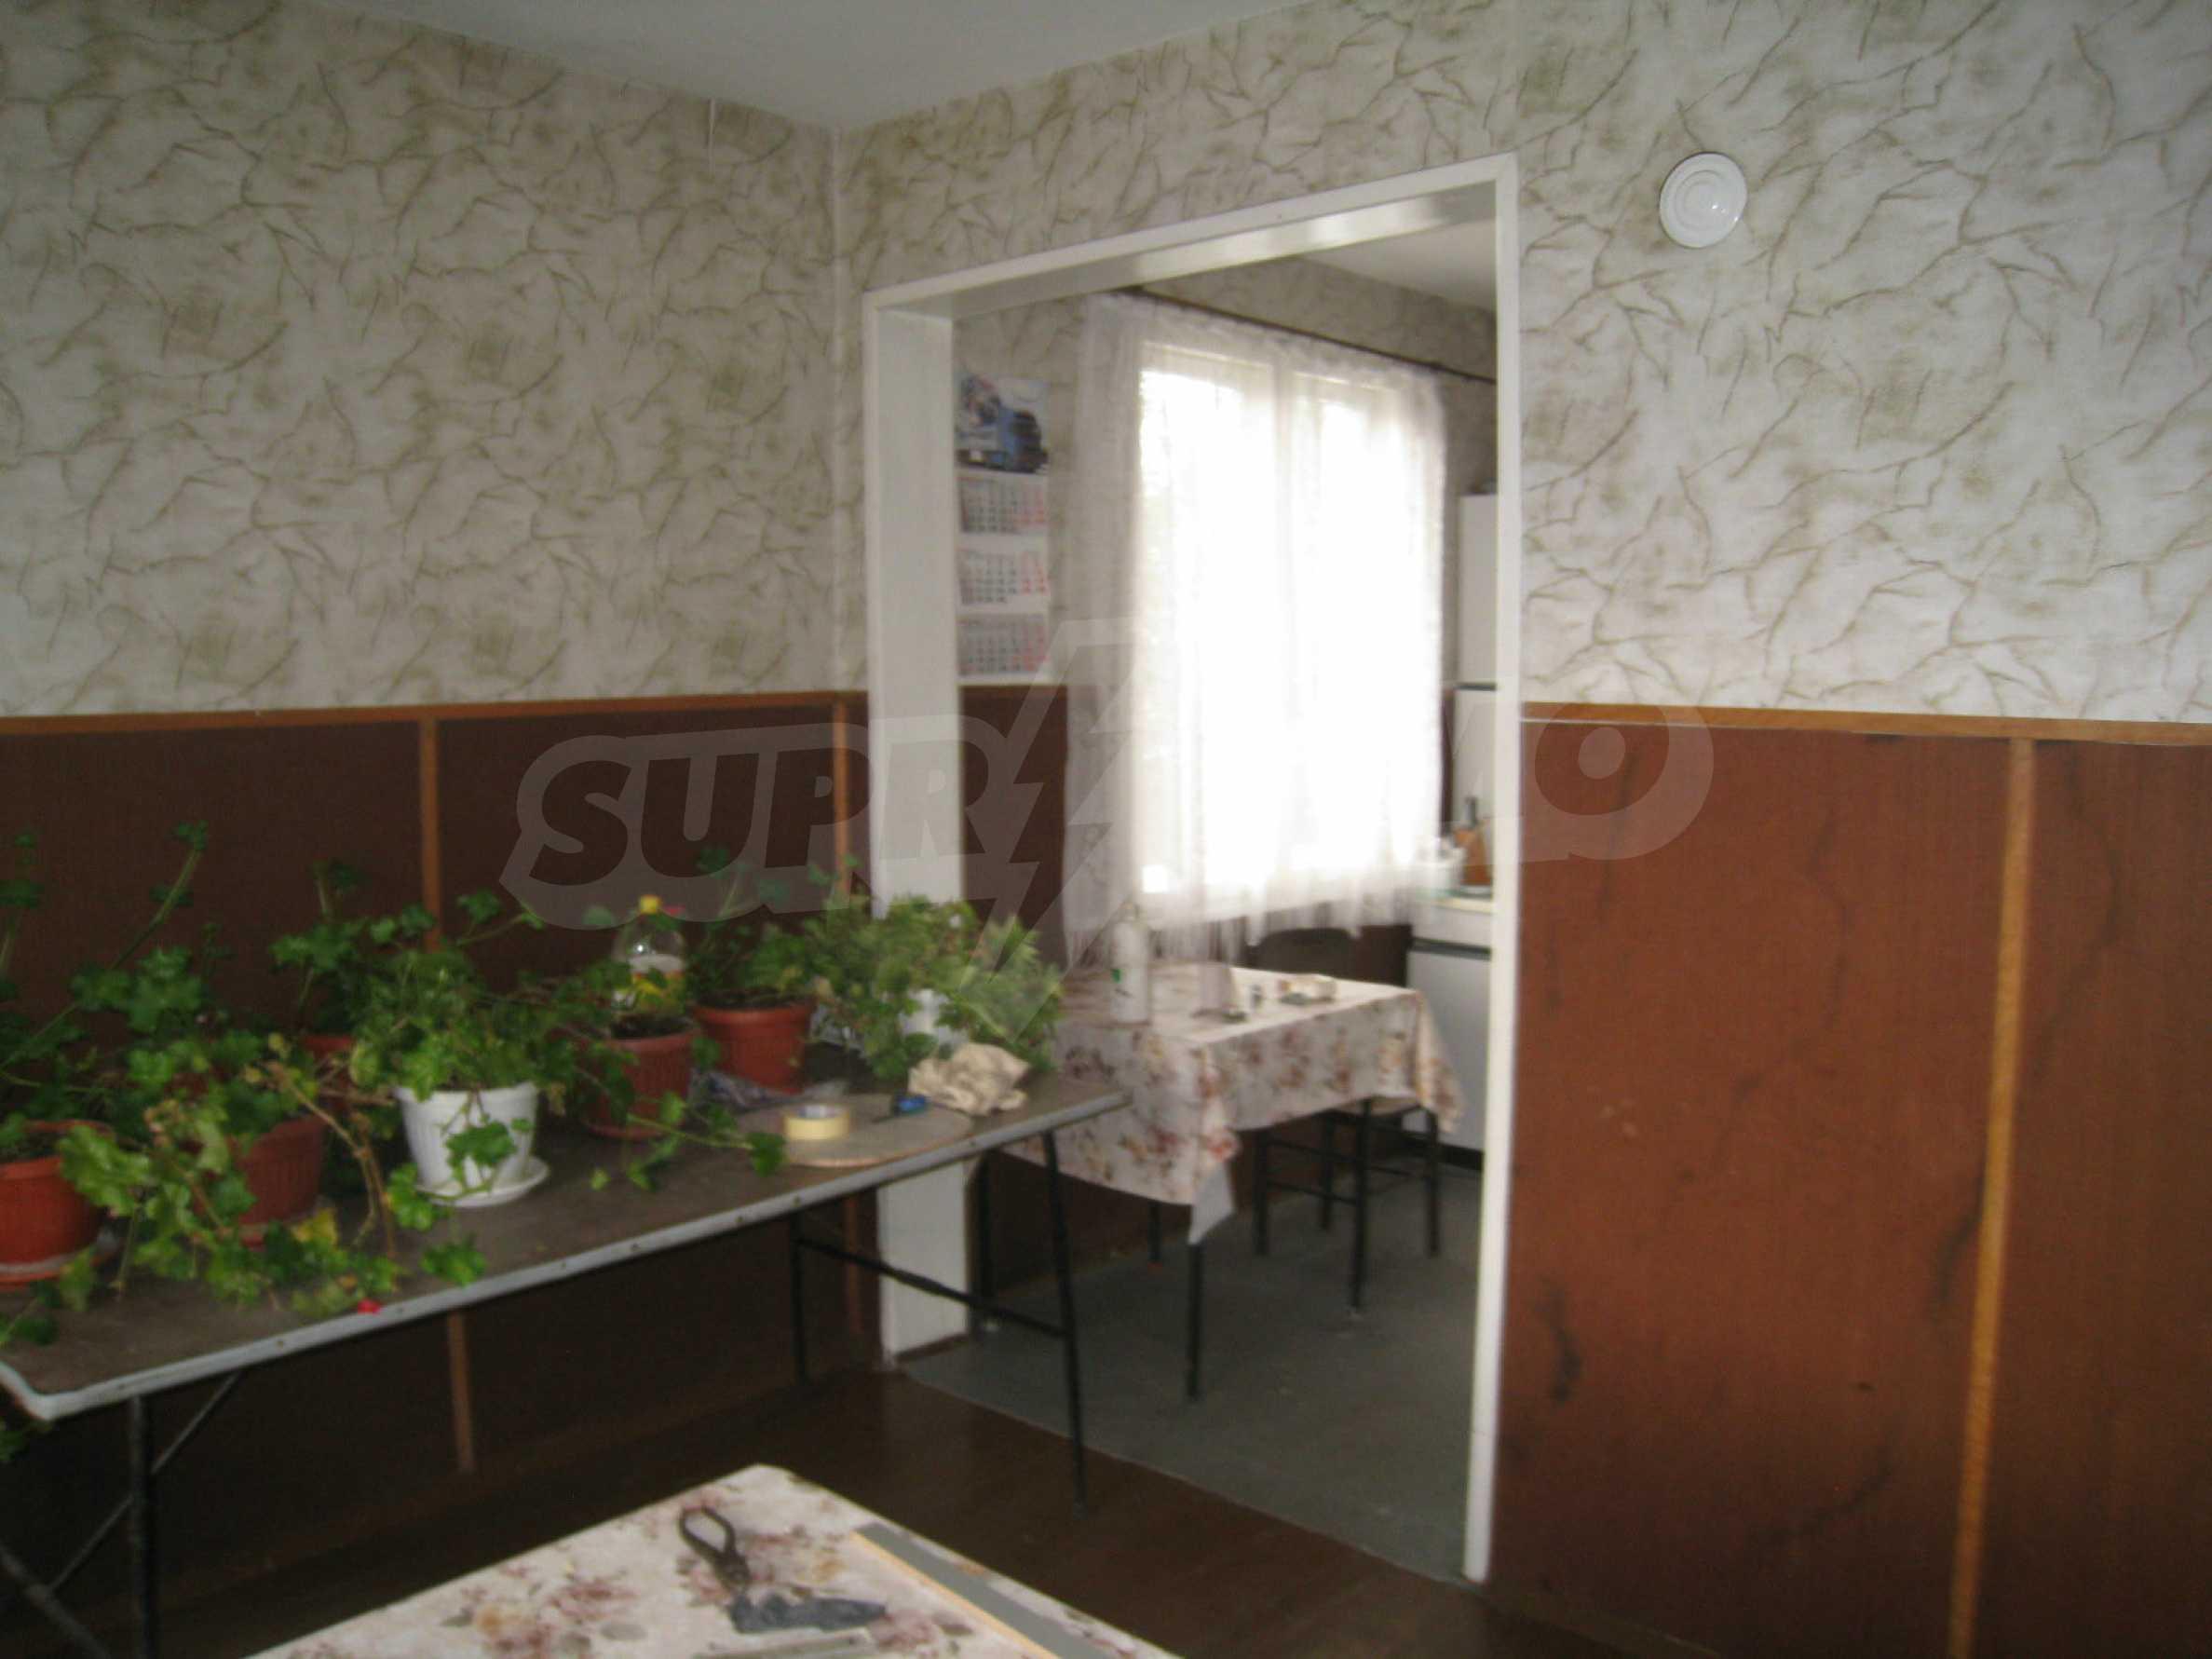 Großes zweistöckiges Haus mit Hof in einem Dorf in der Nähe von Sofia 9